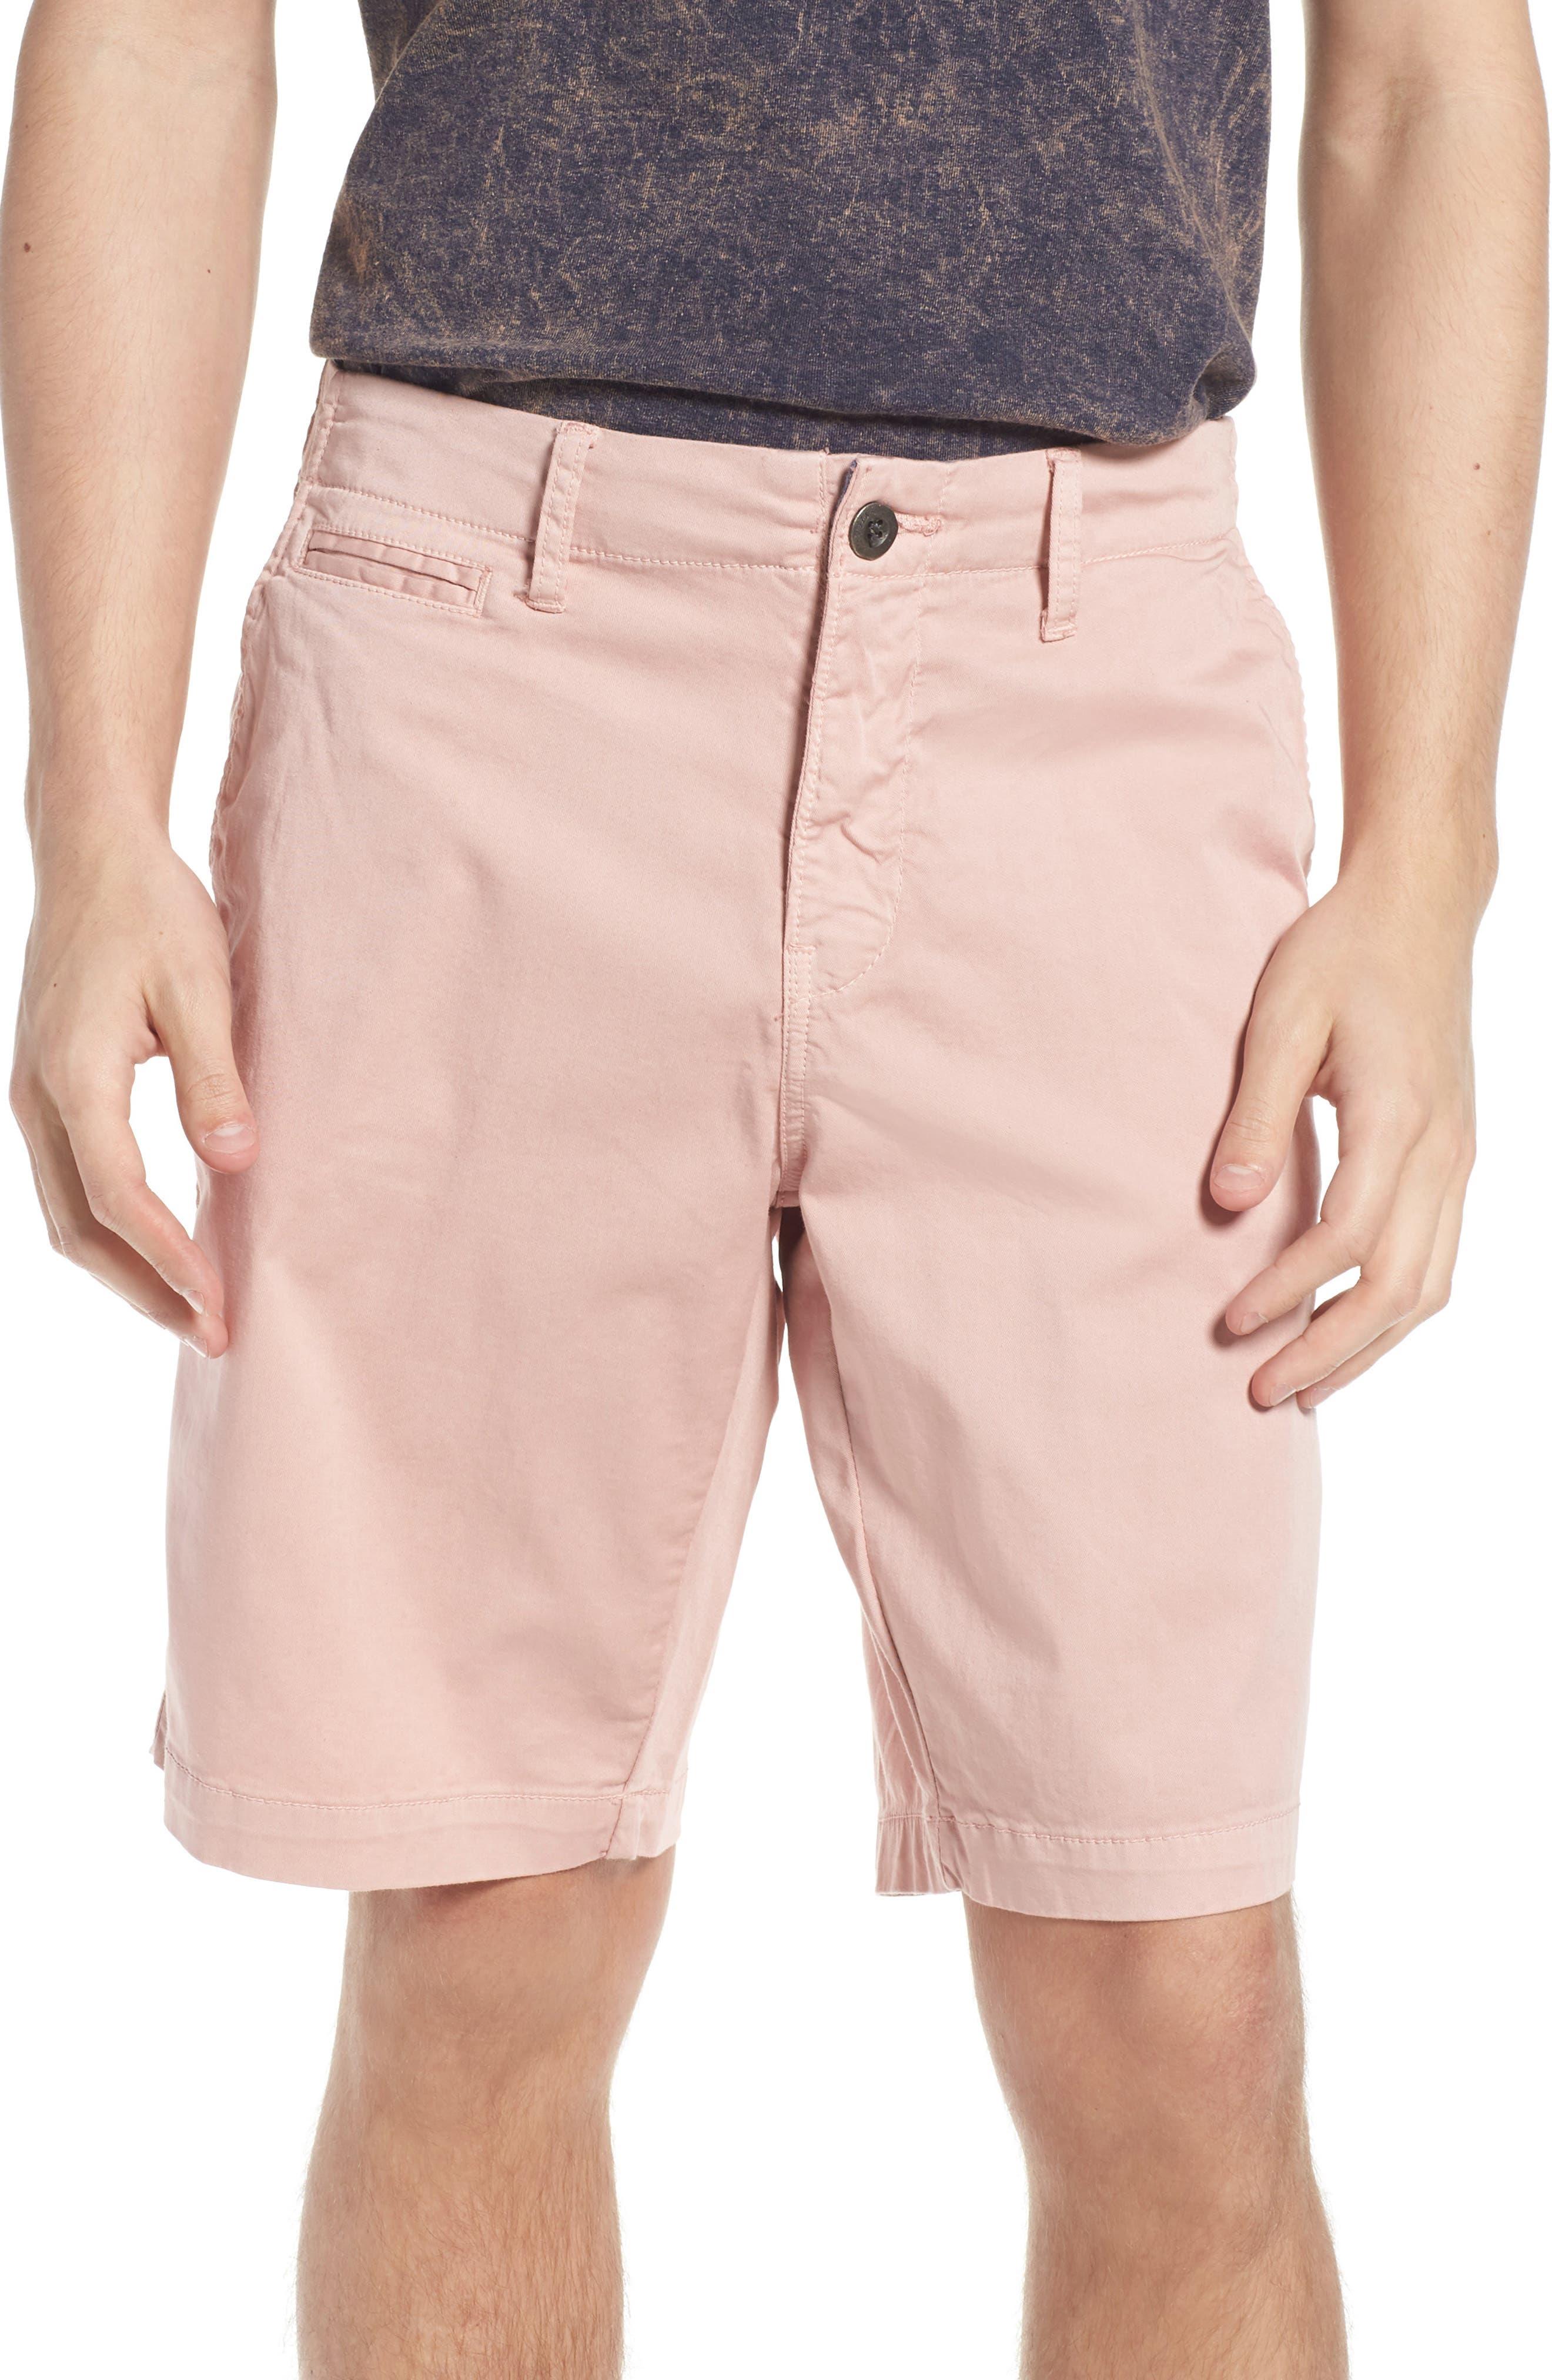 St. Barts Twill Shorts,                             Main thumbnail 11, color,